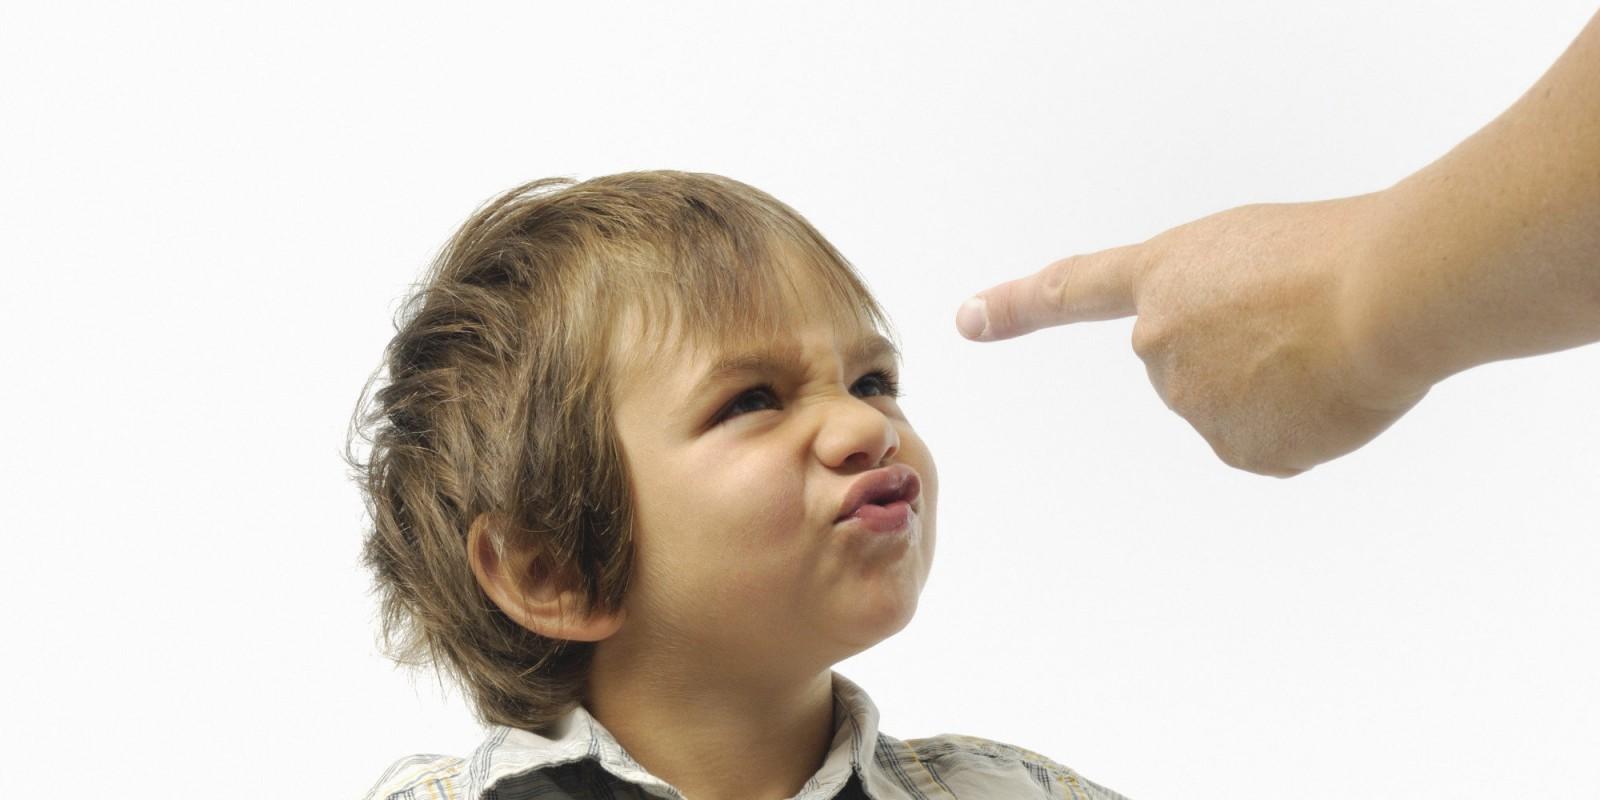 Как отучить ребенка от плохого поведения